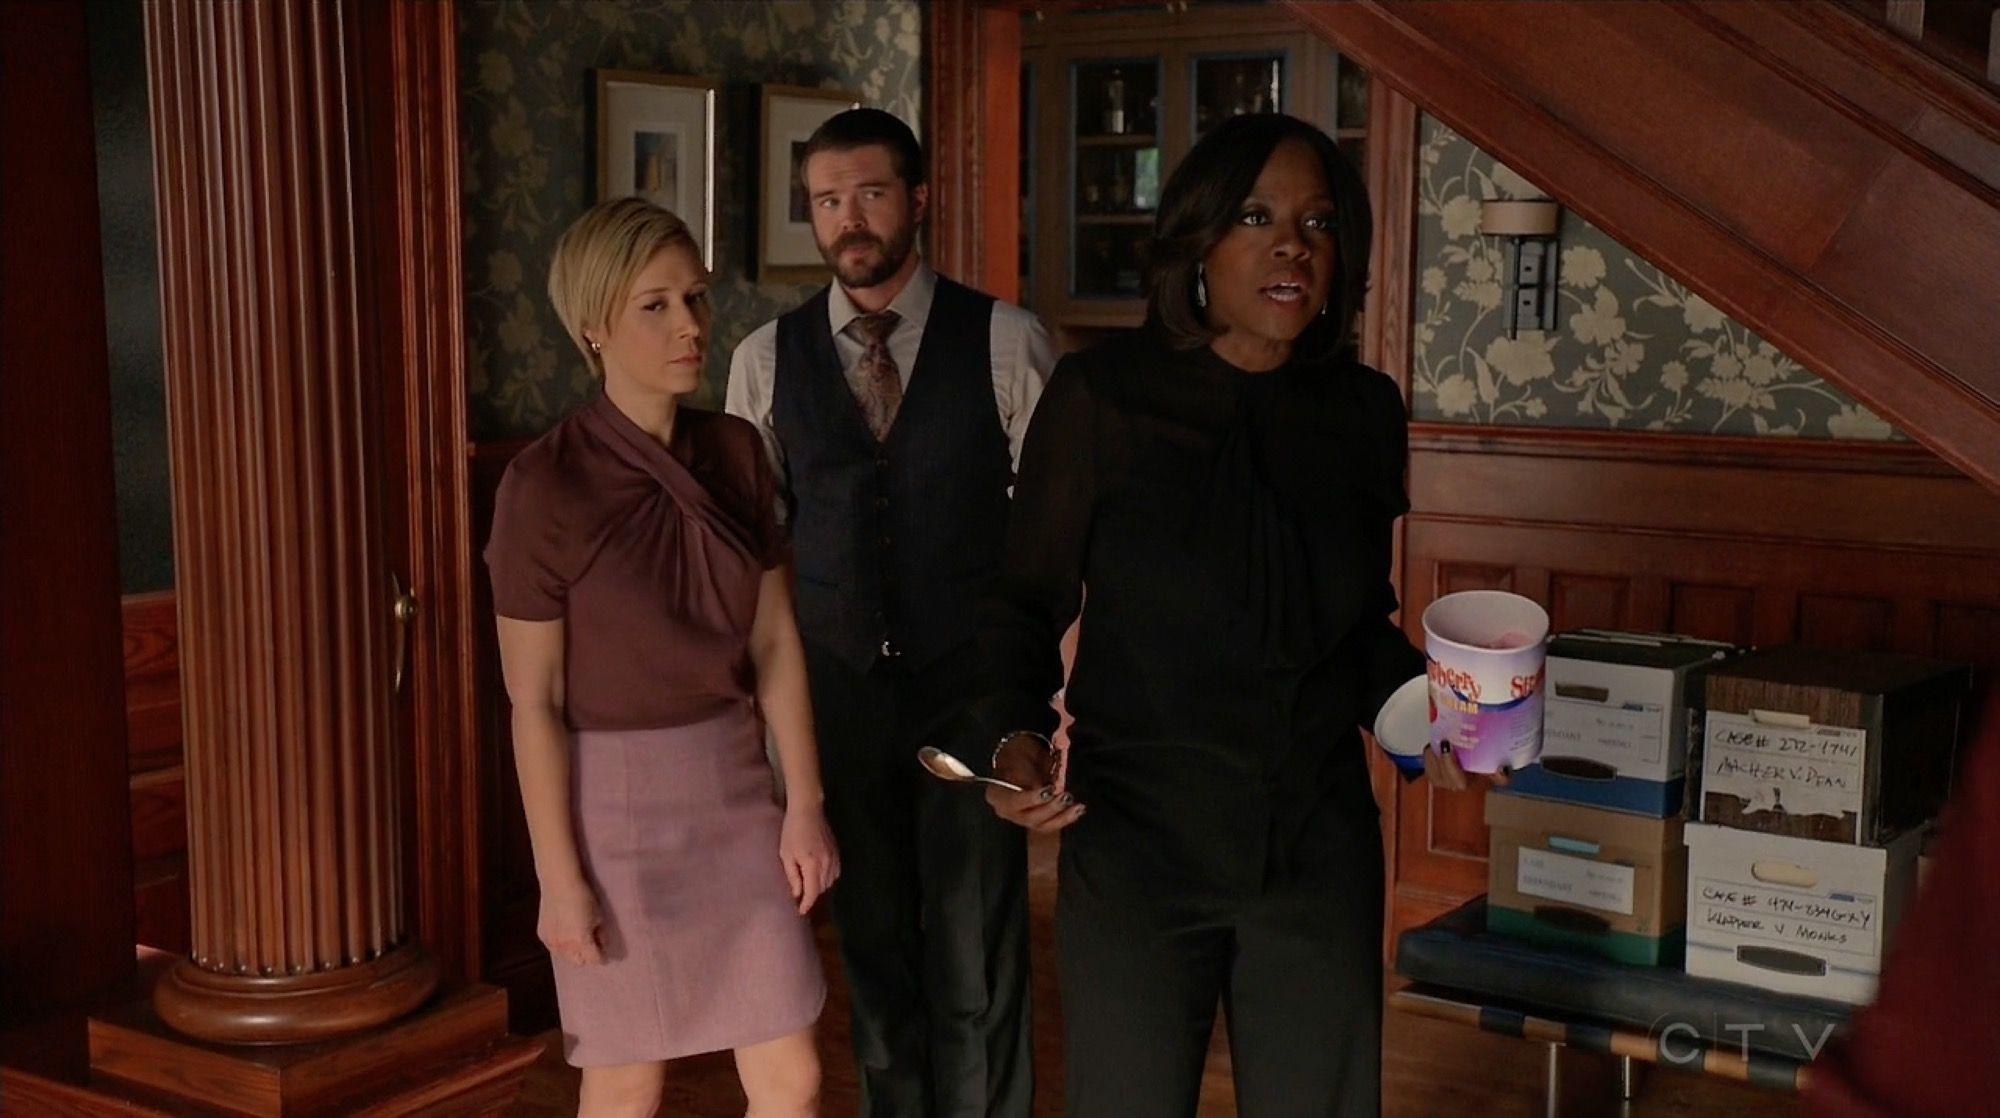 1c4e15027ac816d99af538e9a1c5abc5 - How To Get Away With Murder Episode 2 Season 2